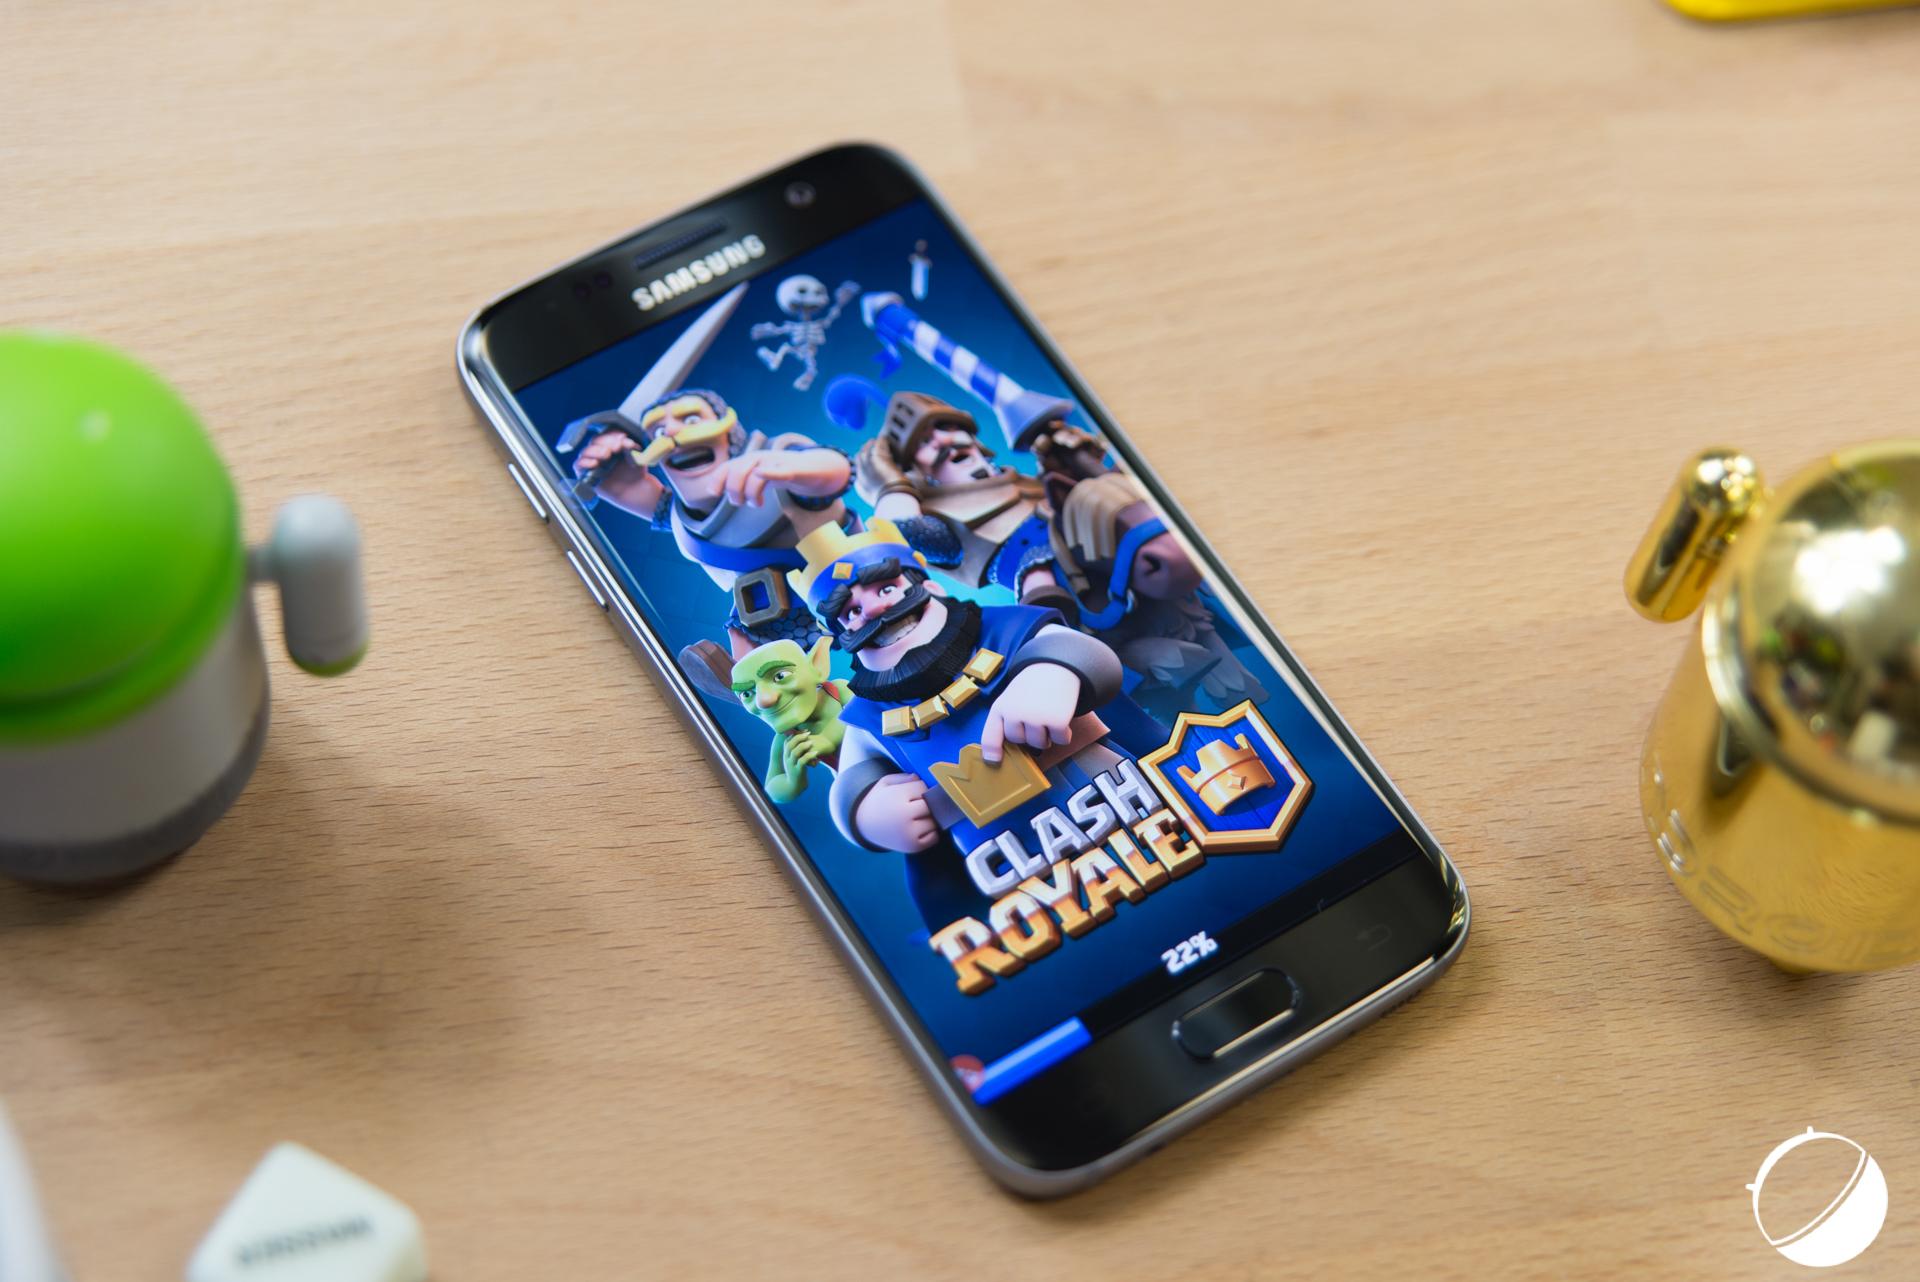 2a40ce22524541 Les meilleurs jeux Android gratuits et payants de 2019 - FrAndroid